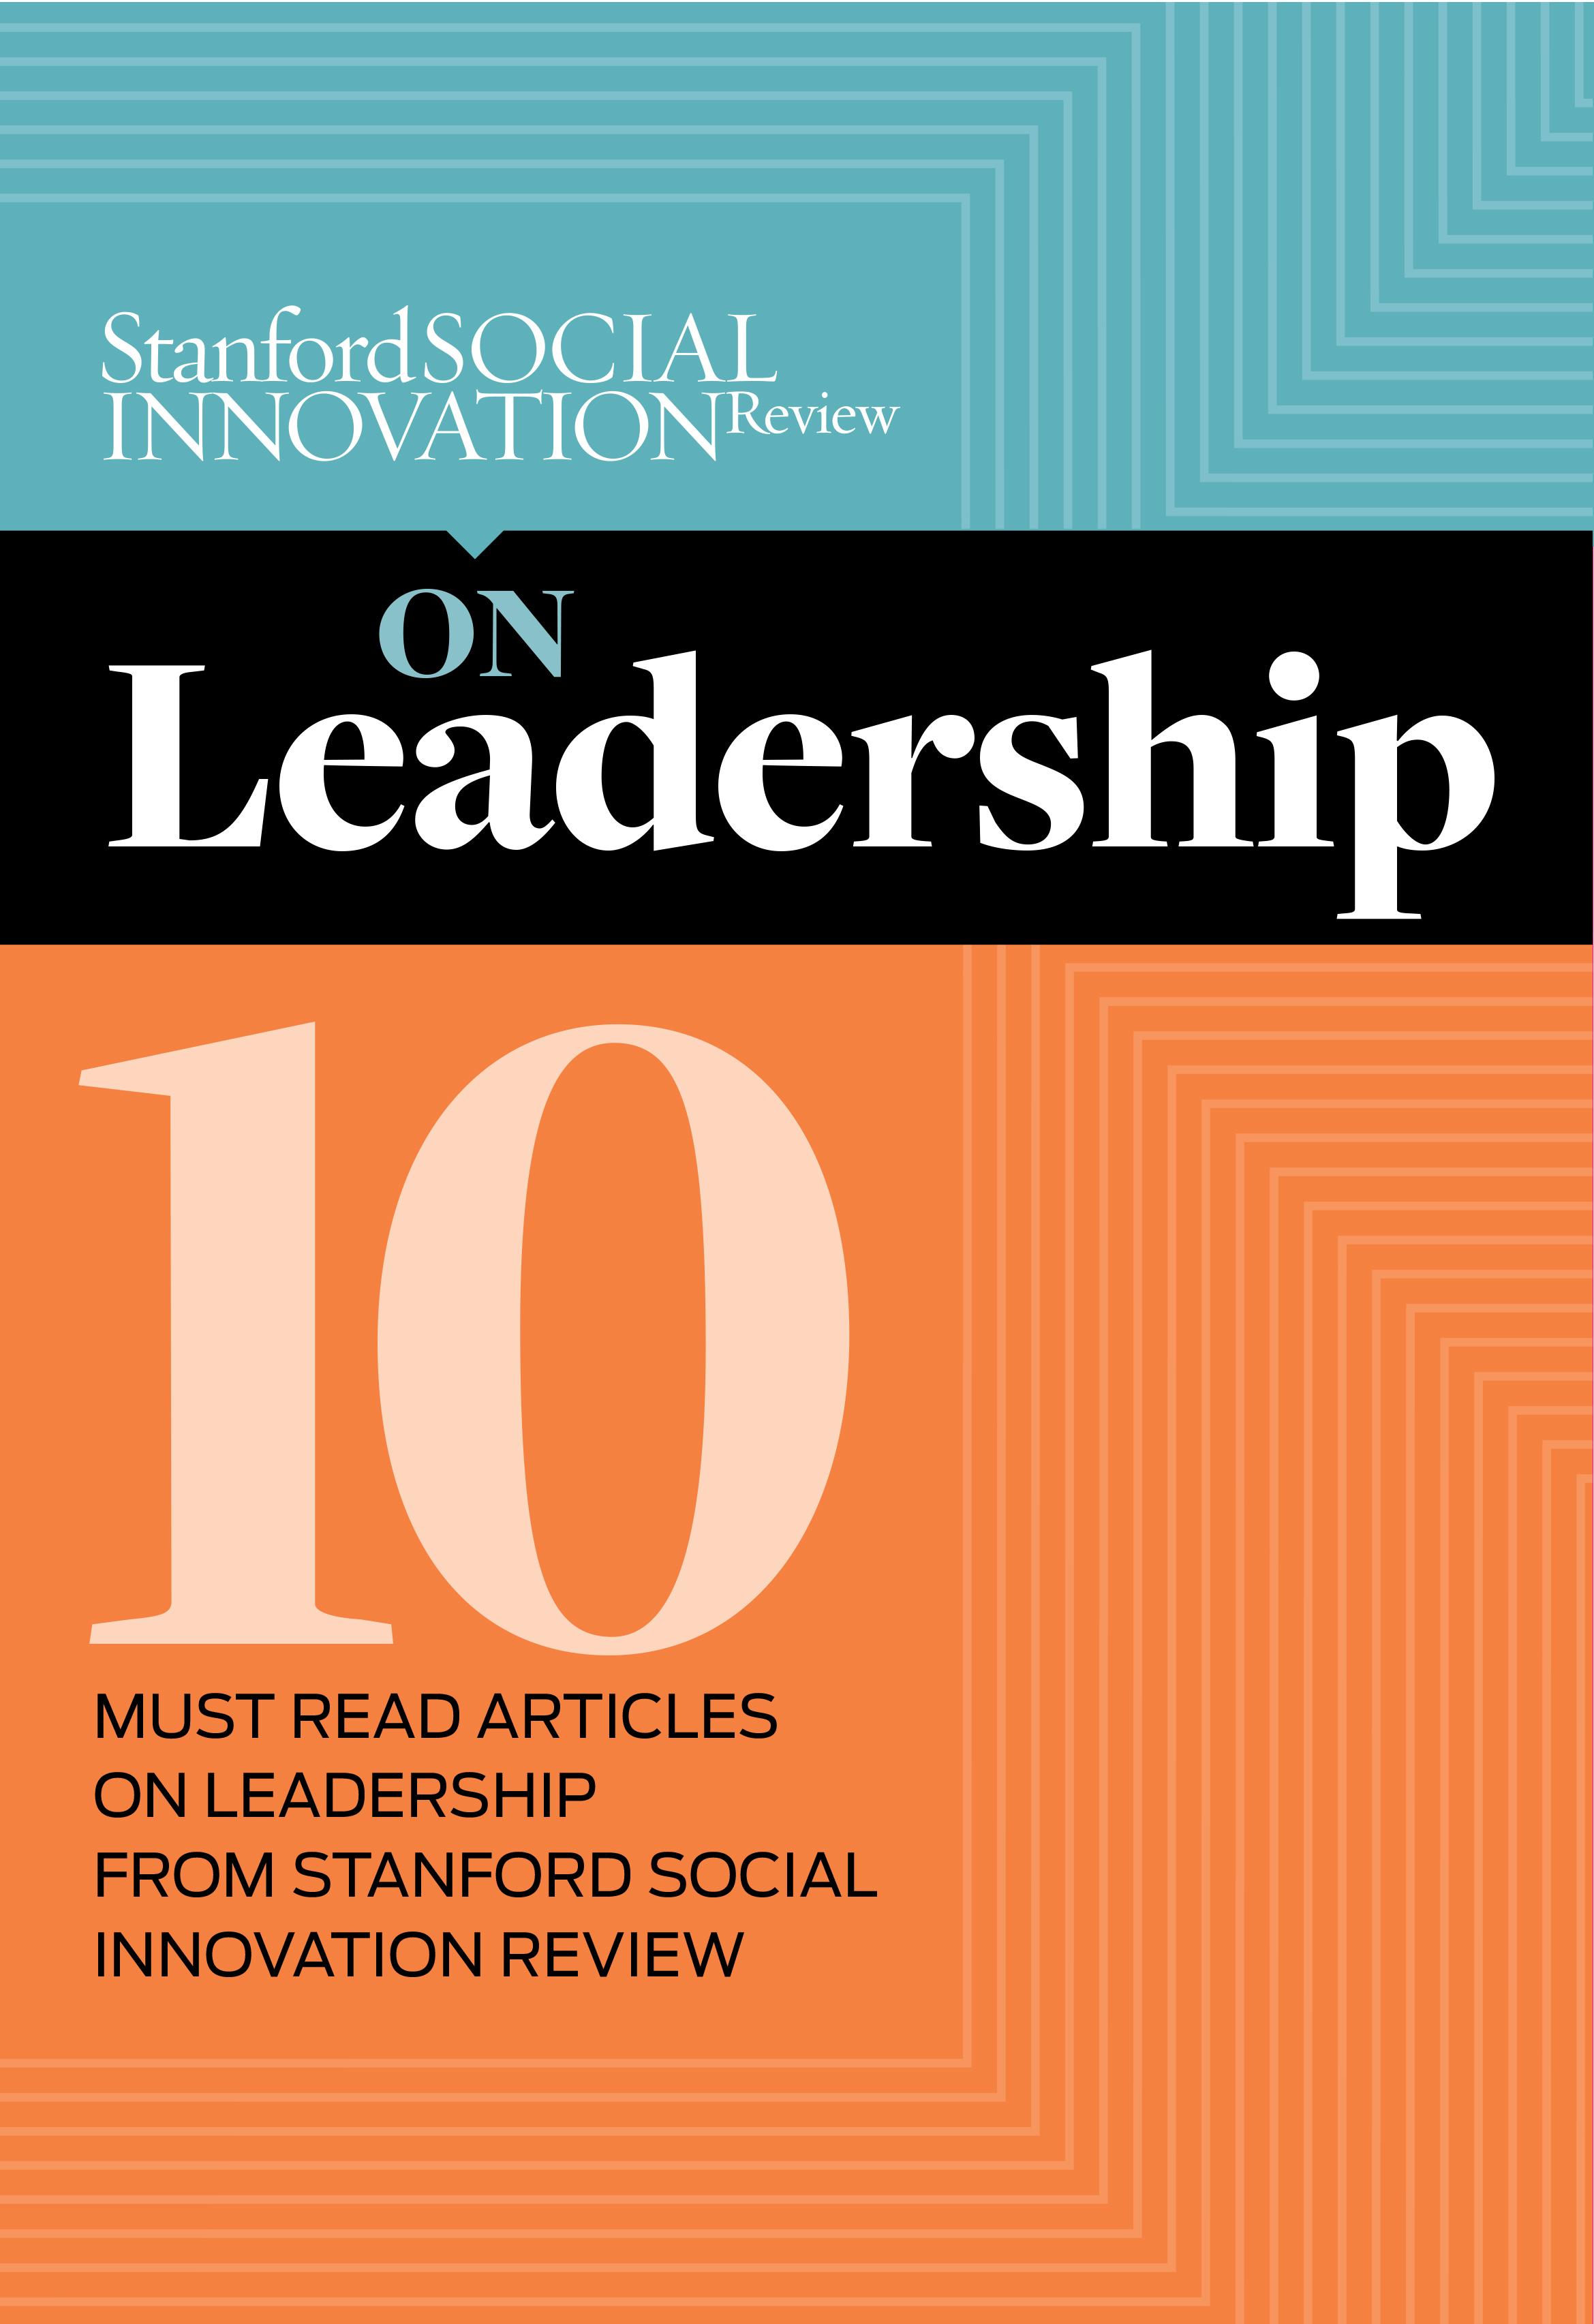 On Leadership ebook